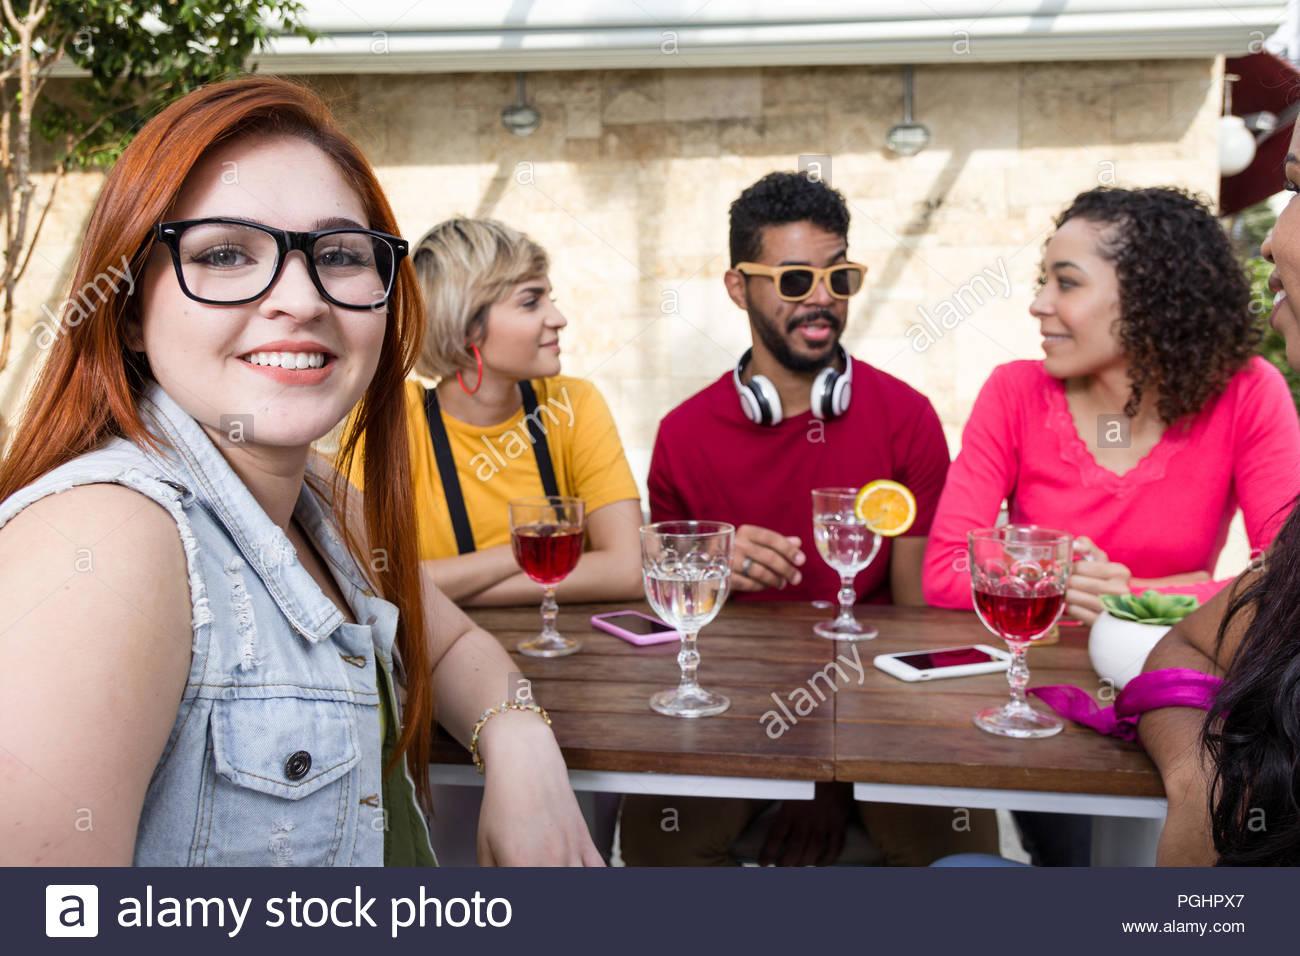 Professionnels de la génération Y et d'encouragement d'amis boire ensemble au café bar piscine. Mixed Race groupe d'amis s'amuser au restaurant à l'extérieur. Printemps, wa Photo Stock